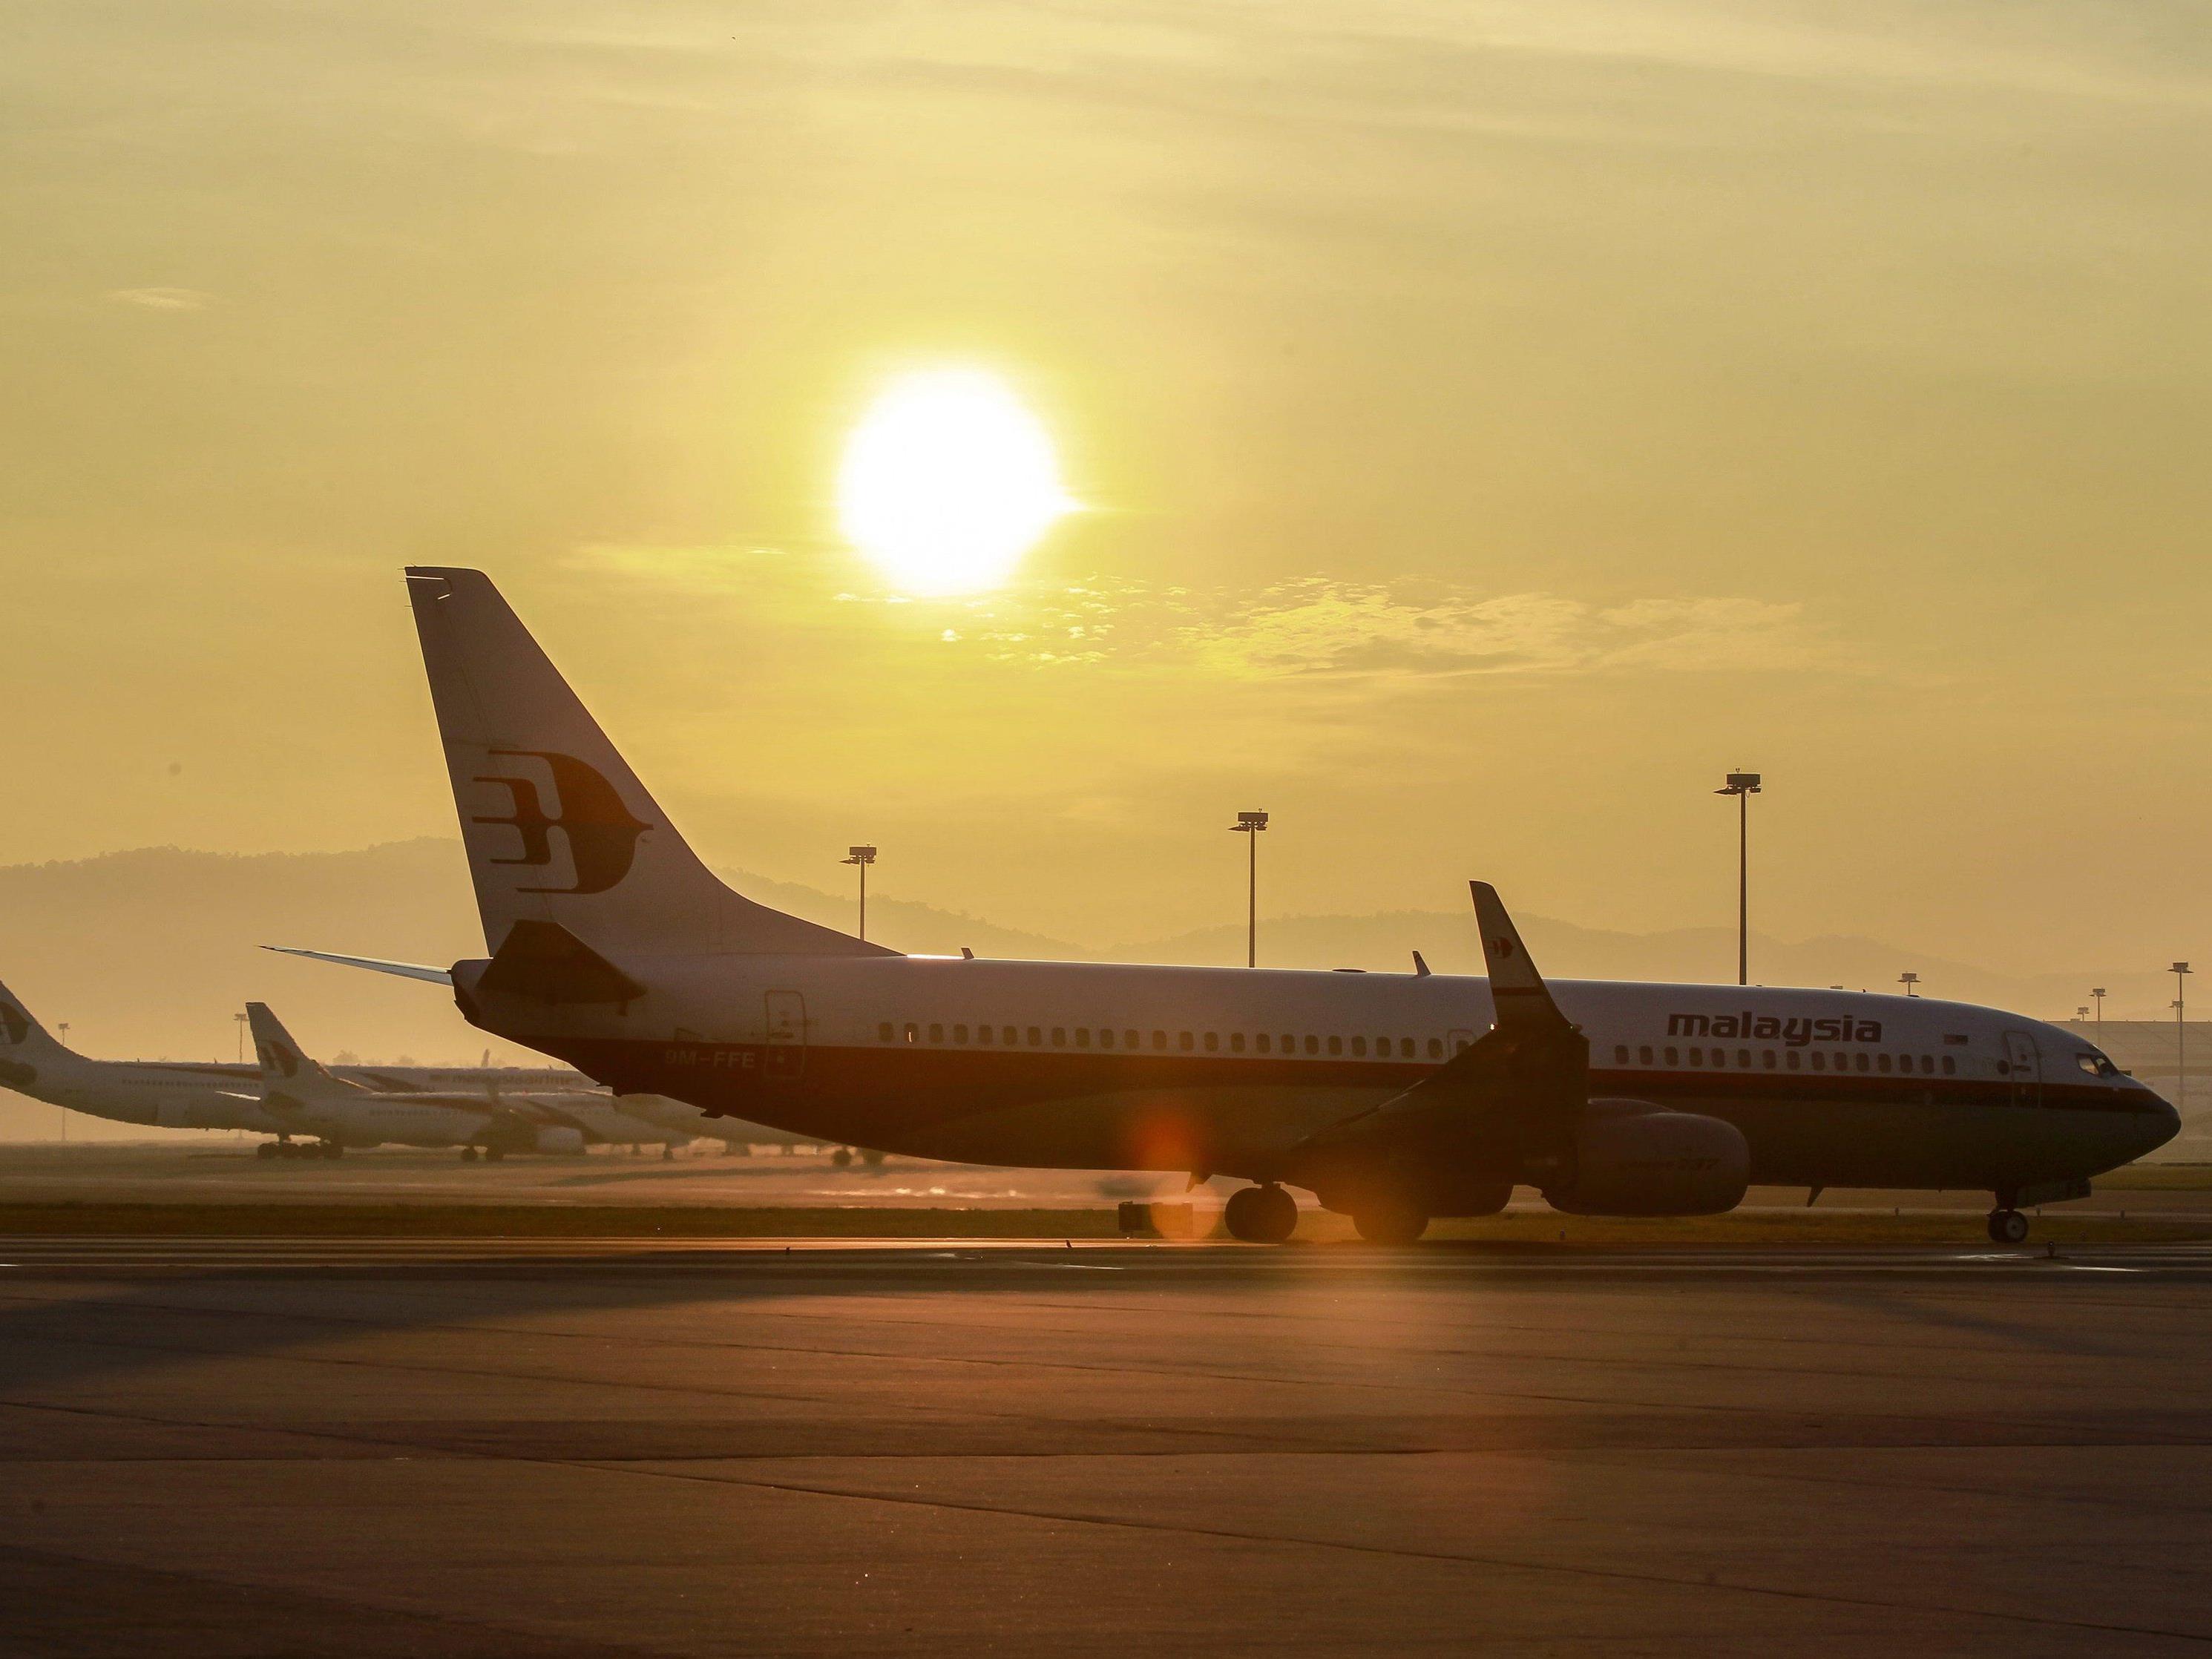 Insgesamt haben fast 200 Mitarbeiter bei Malaysia Airlines gekündigt